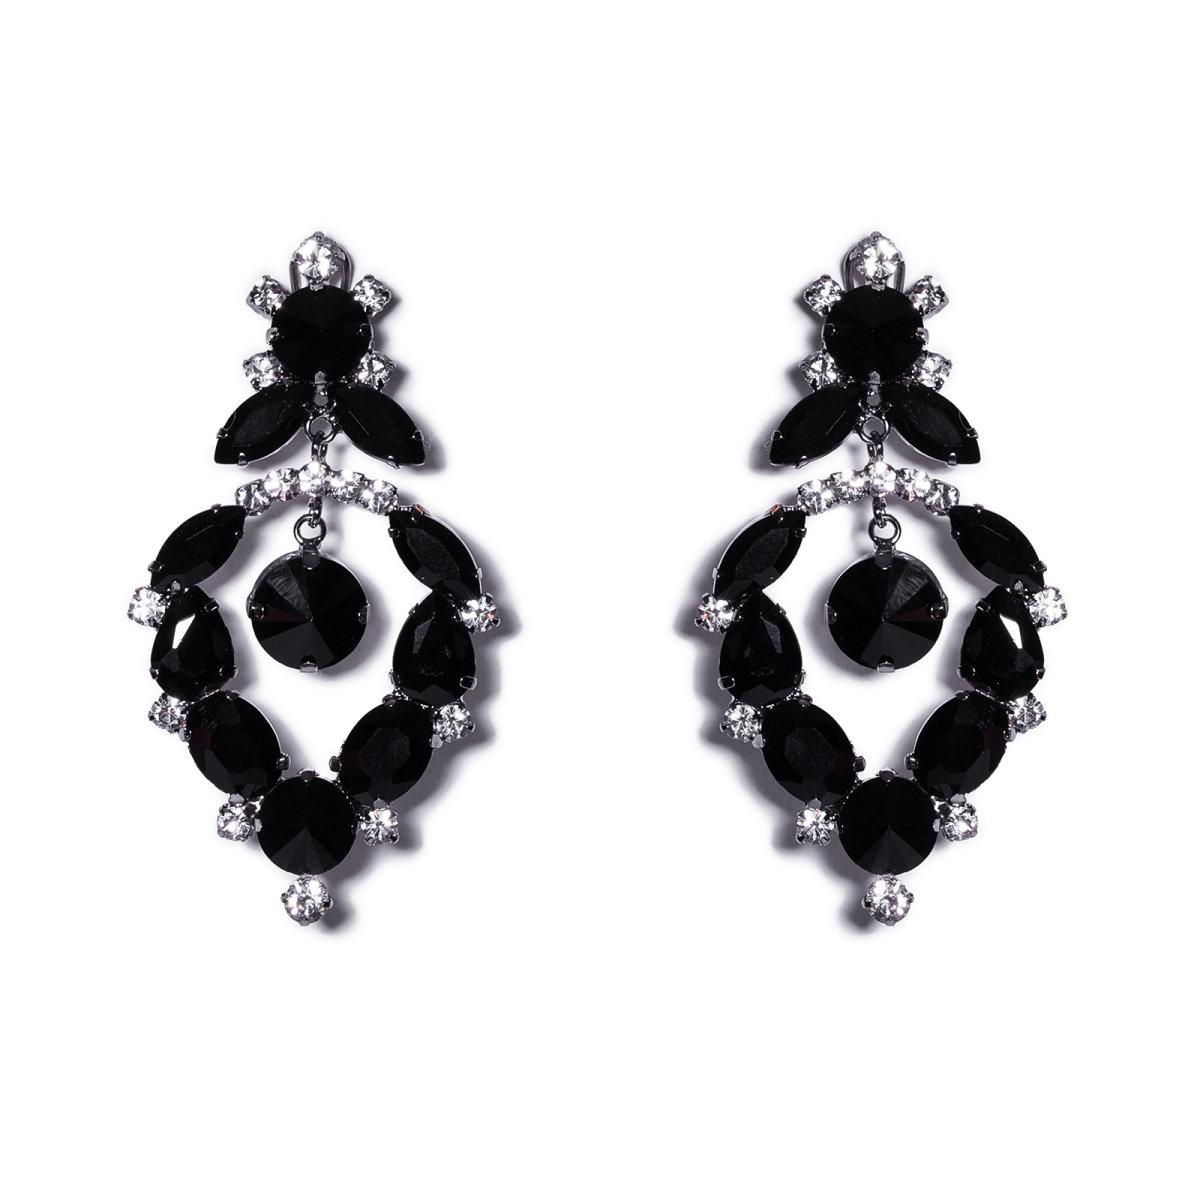 Cercei eleganti cu cristale negre de sticla Negru